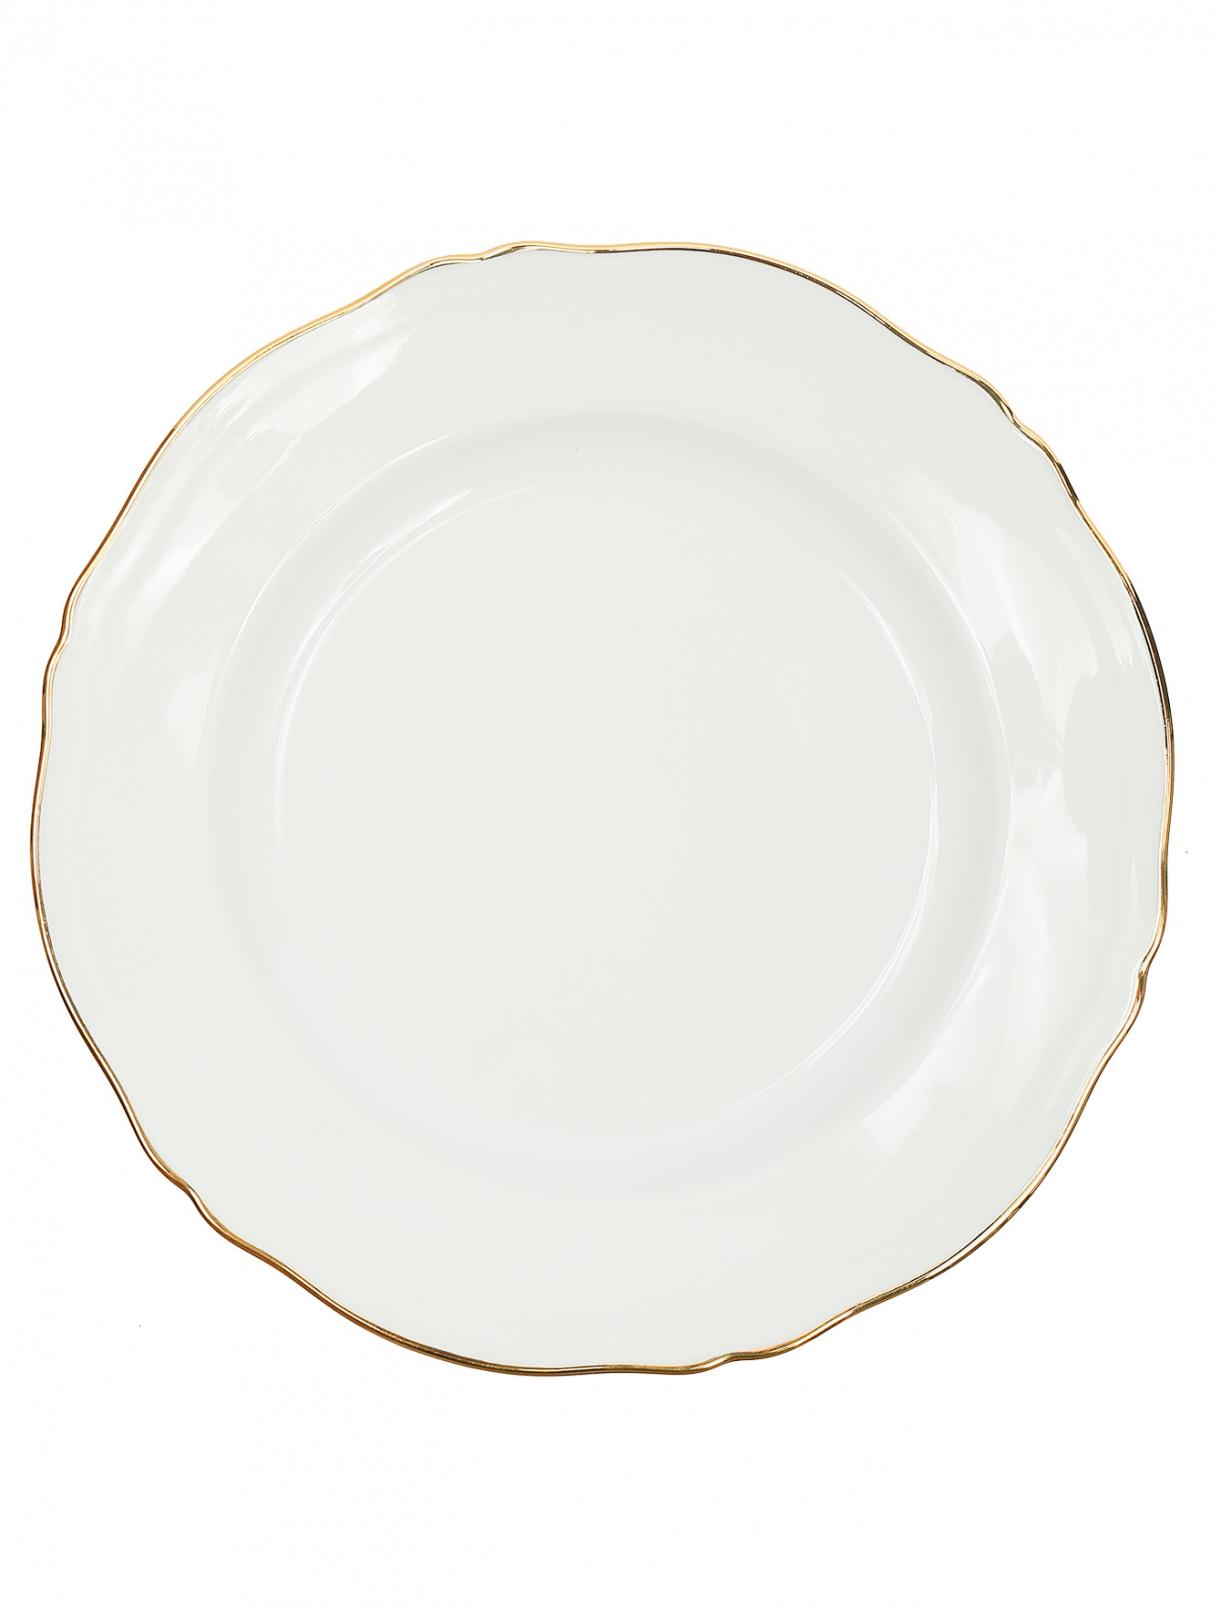 Тарелка десертная с золотой окантовкой Richard Ginori 1735  –  Общий вид